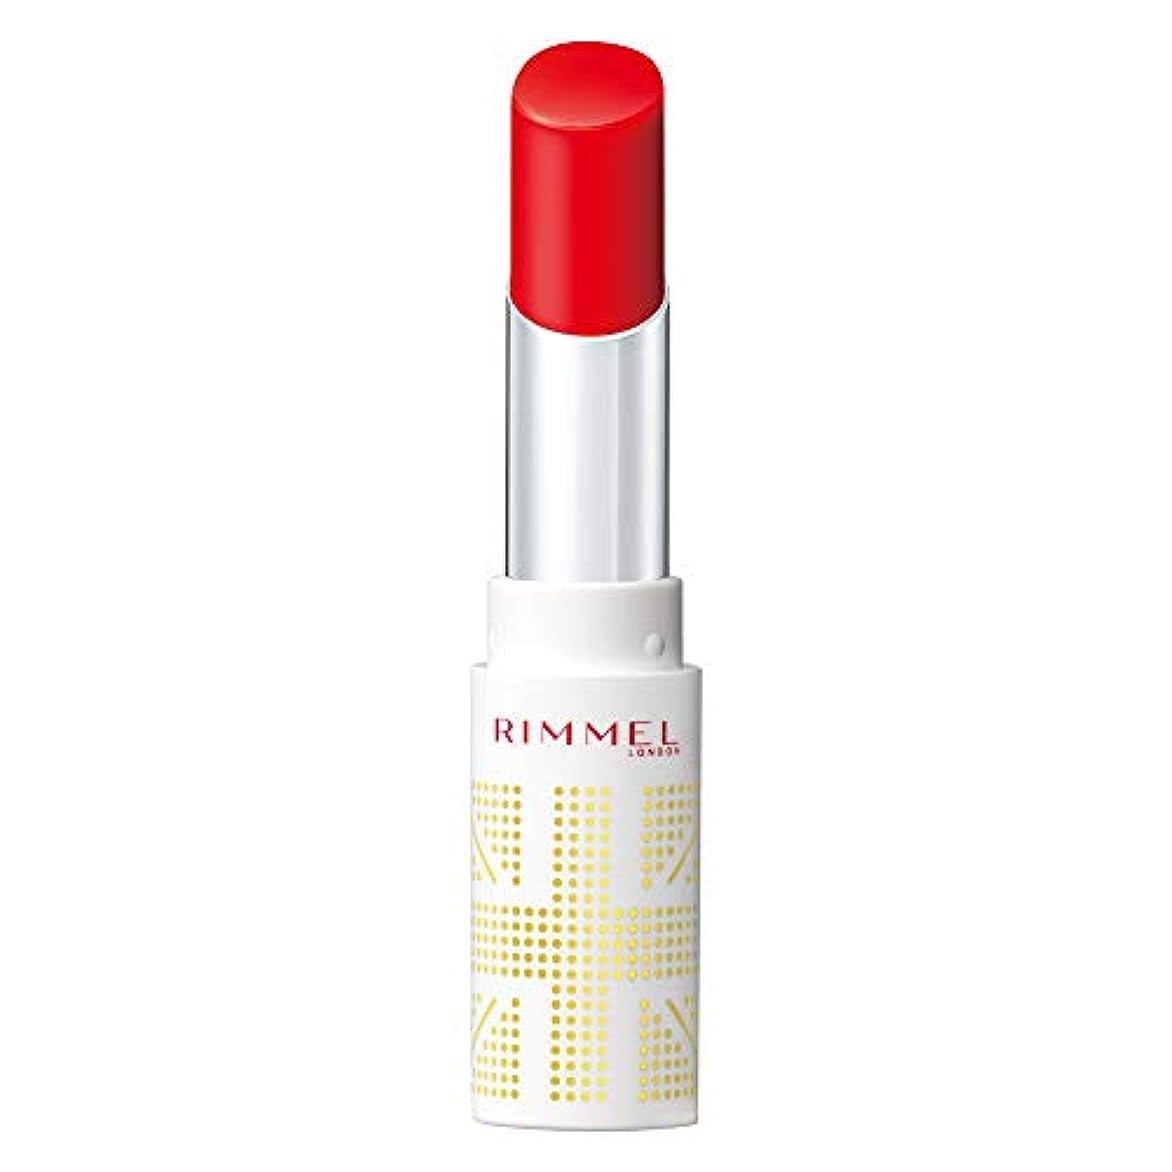 大学院十代の若者たち受け入れるRimmel (リンメル) リンメル ラスティングフィニッシュ オイルティントリップ 002 マンダリンレッド 3.8g 口紅